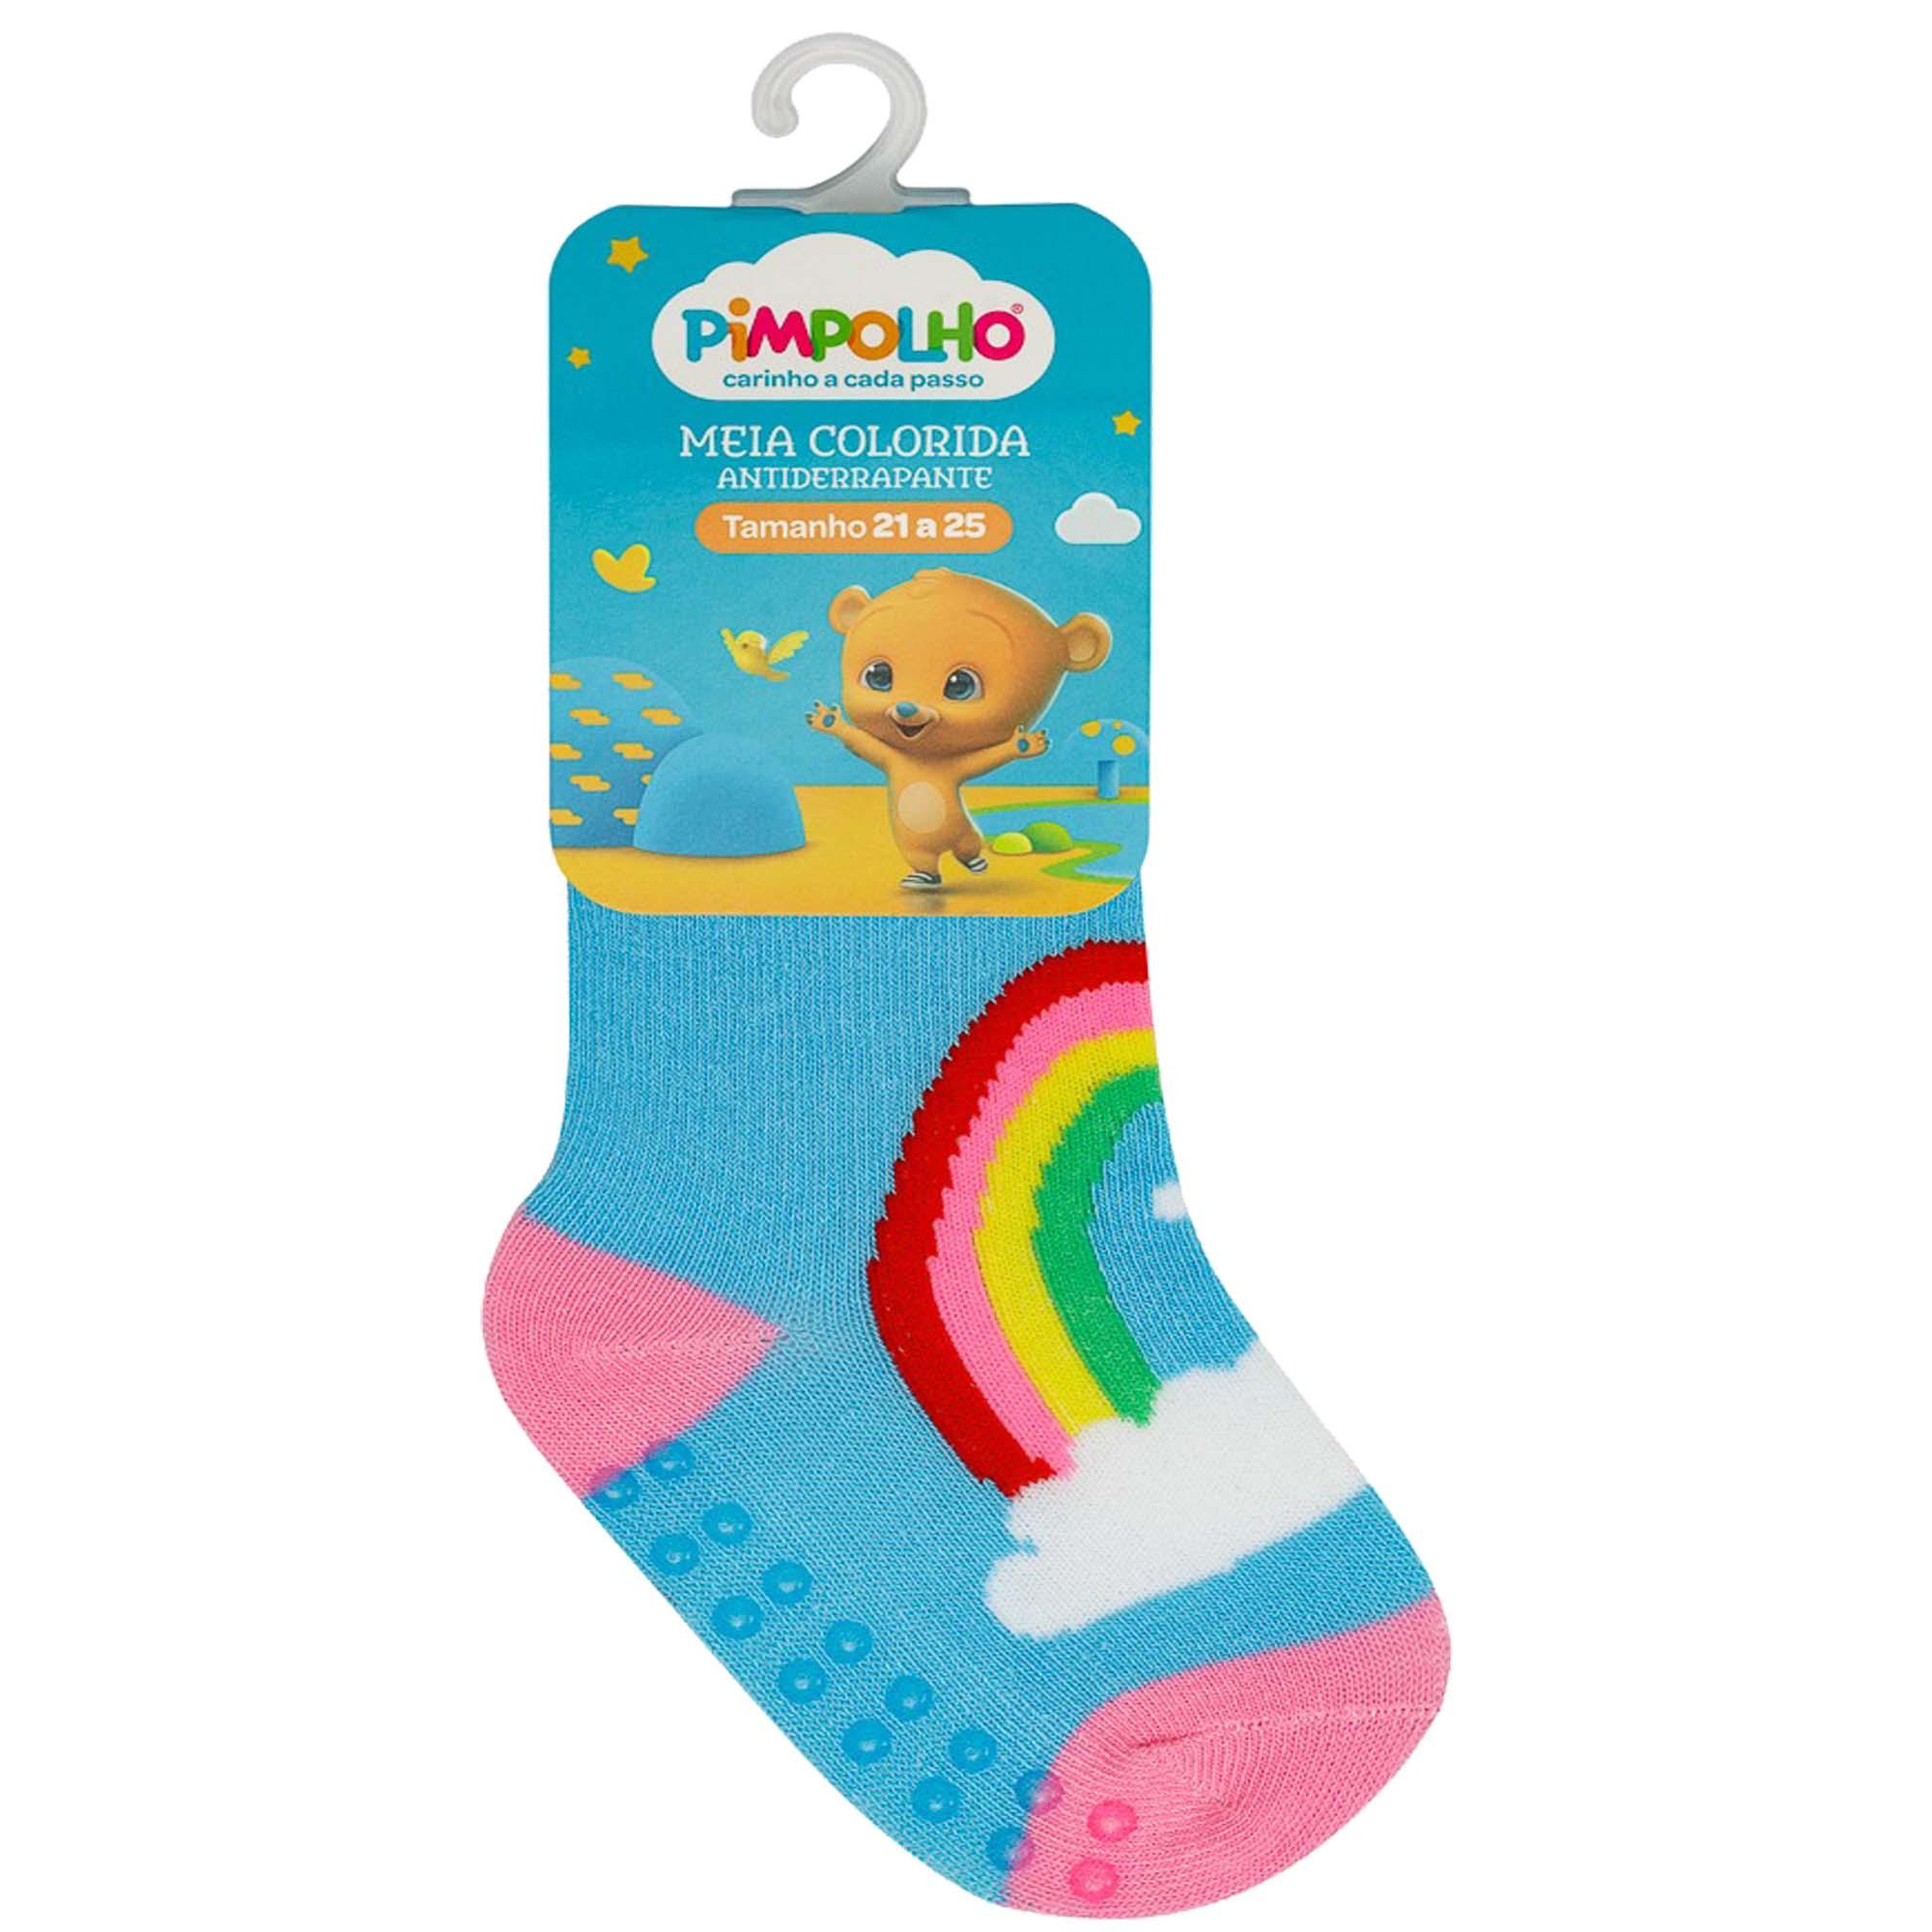 Meia Infantil Pimpolho Colorida Estampada - 21 ao 25